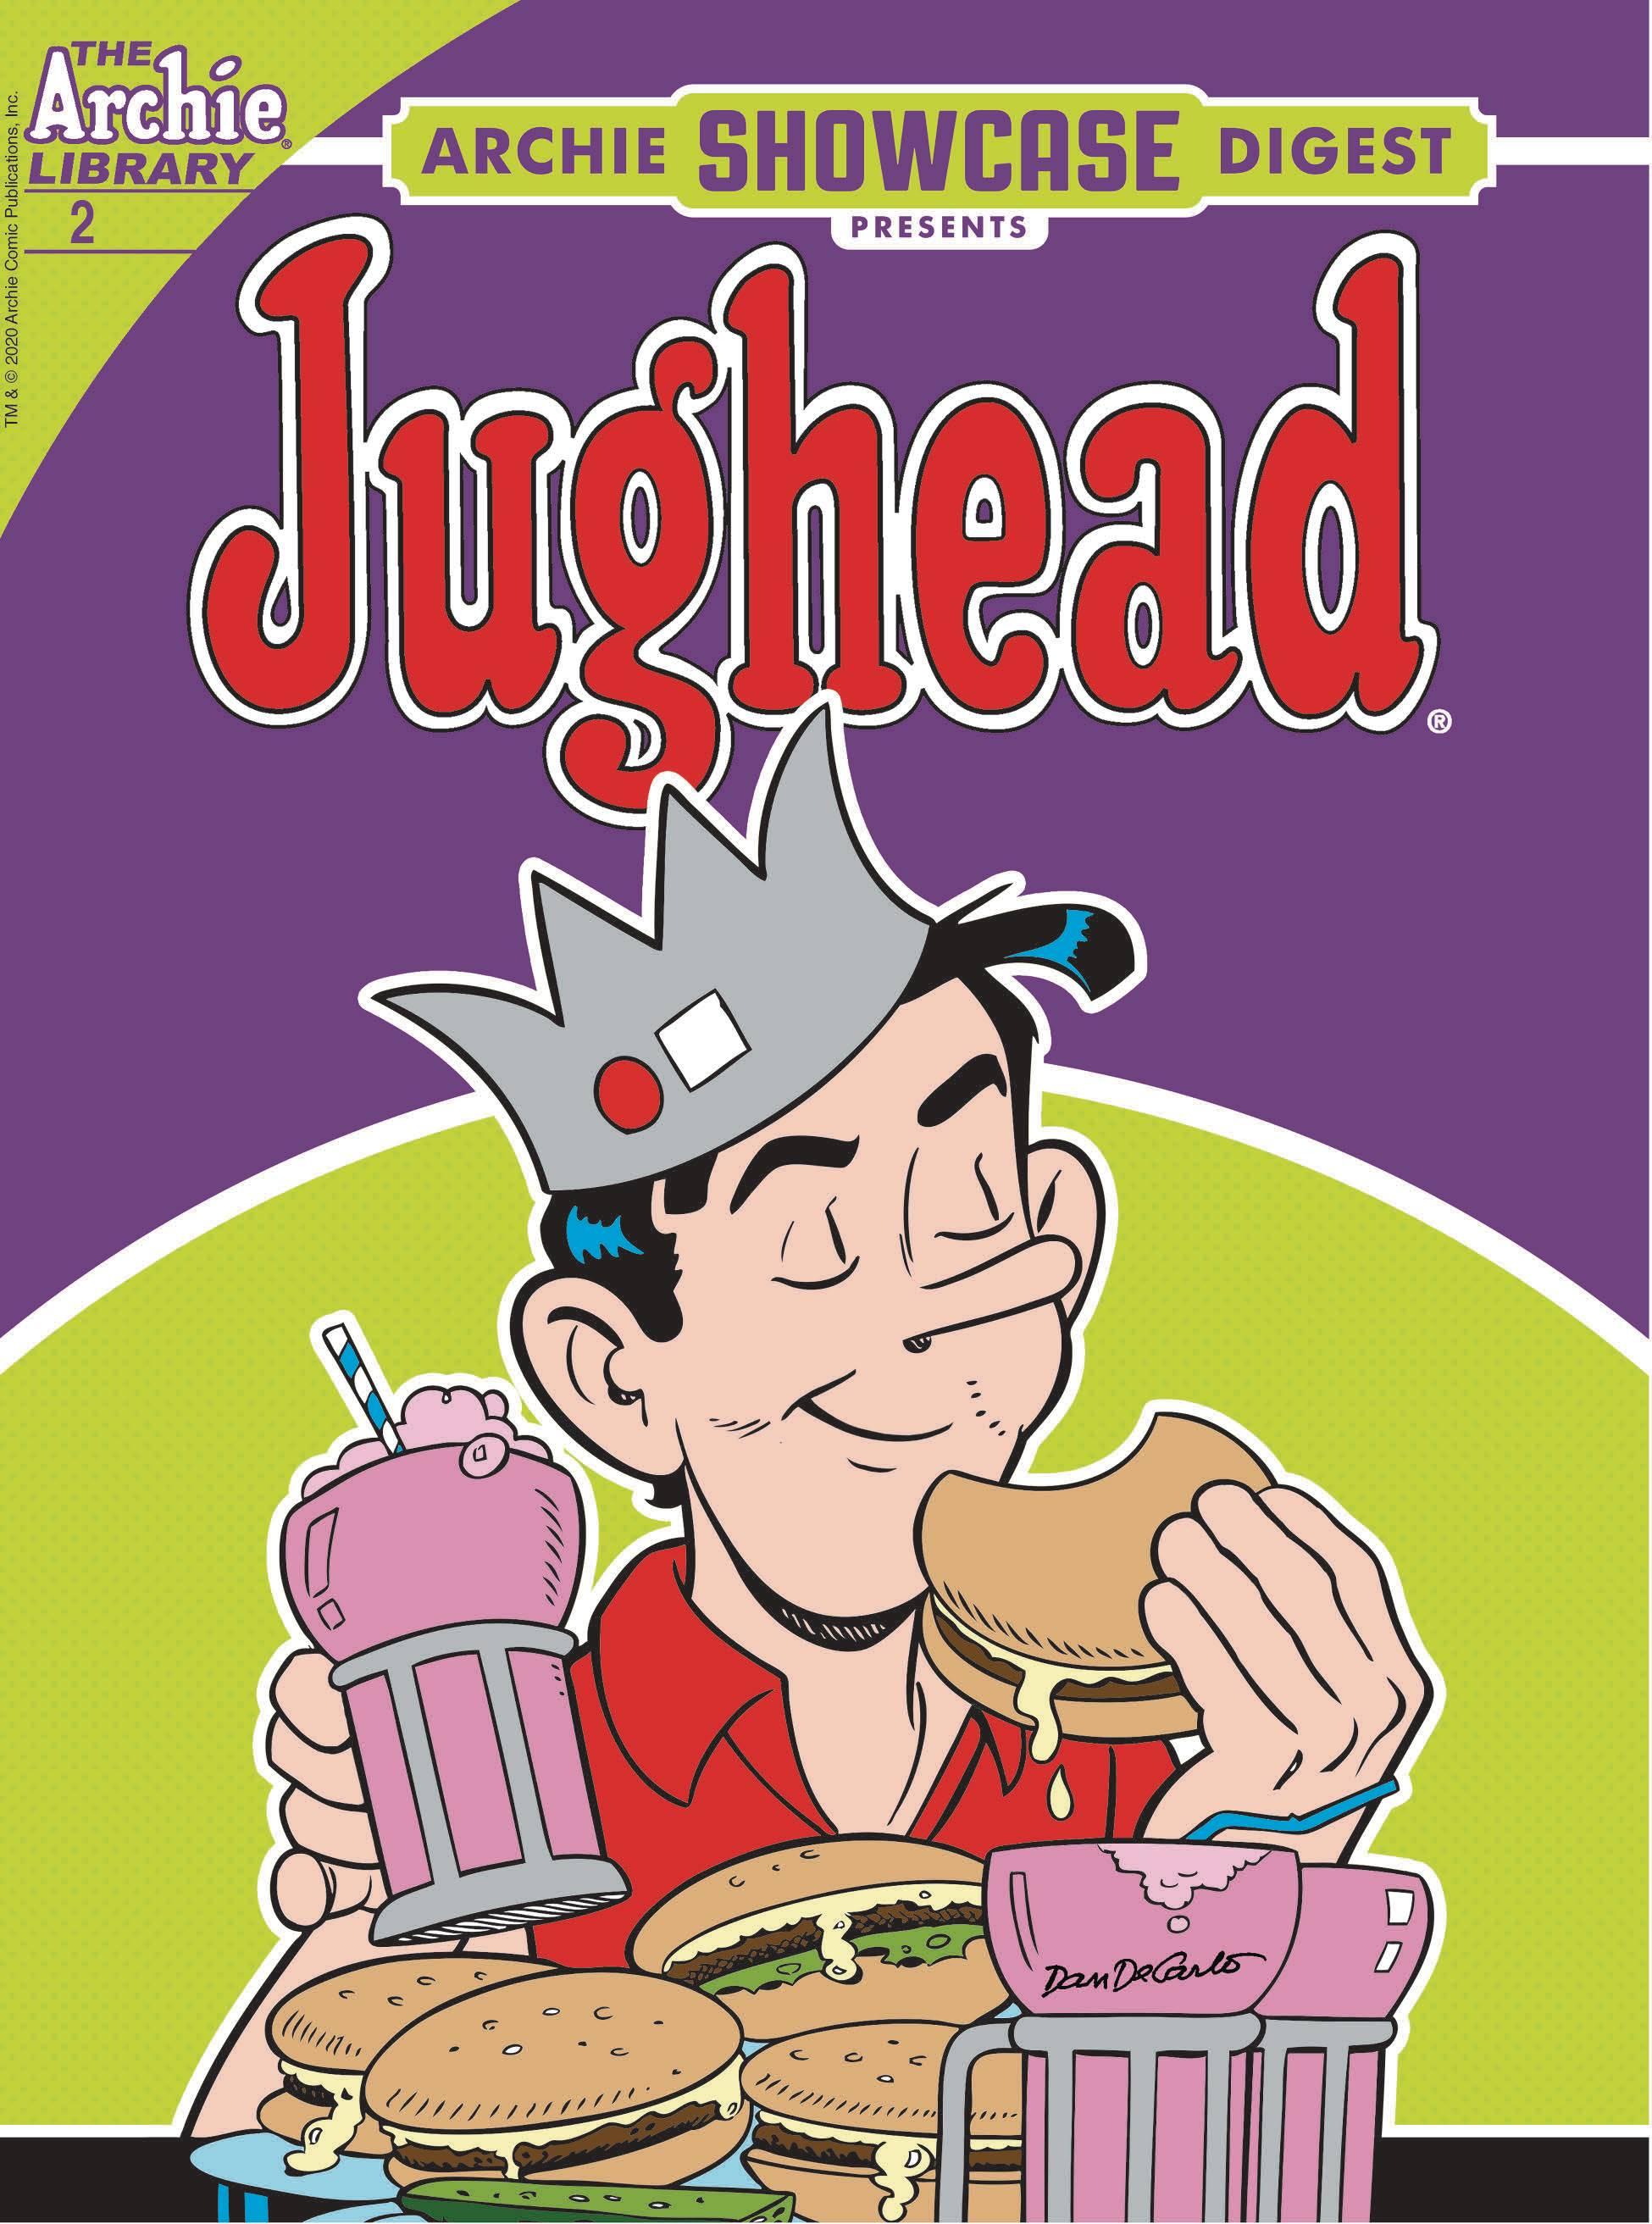 Archie Showcase Digest #2 (2020)